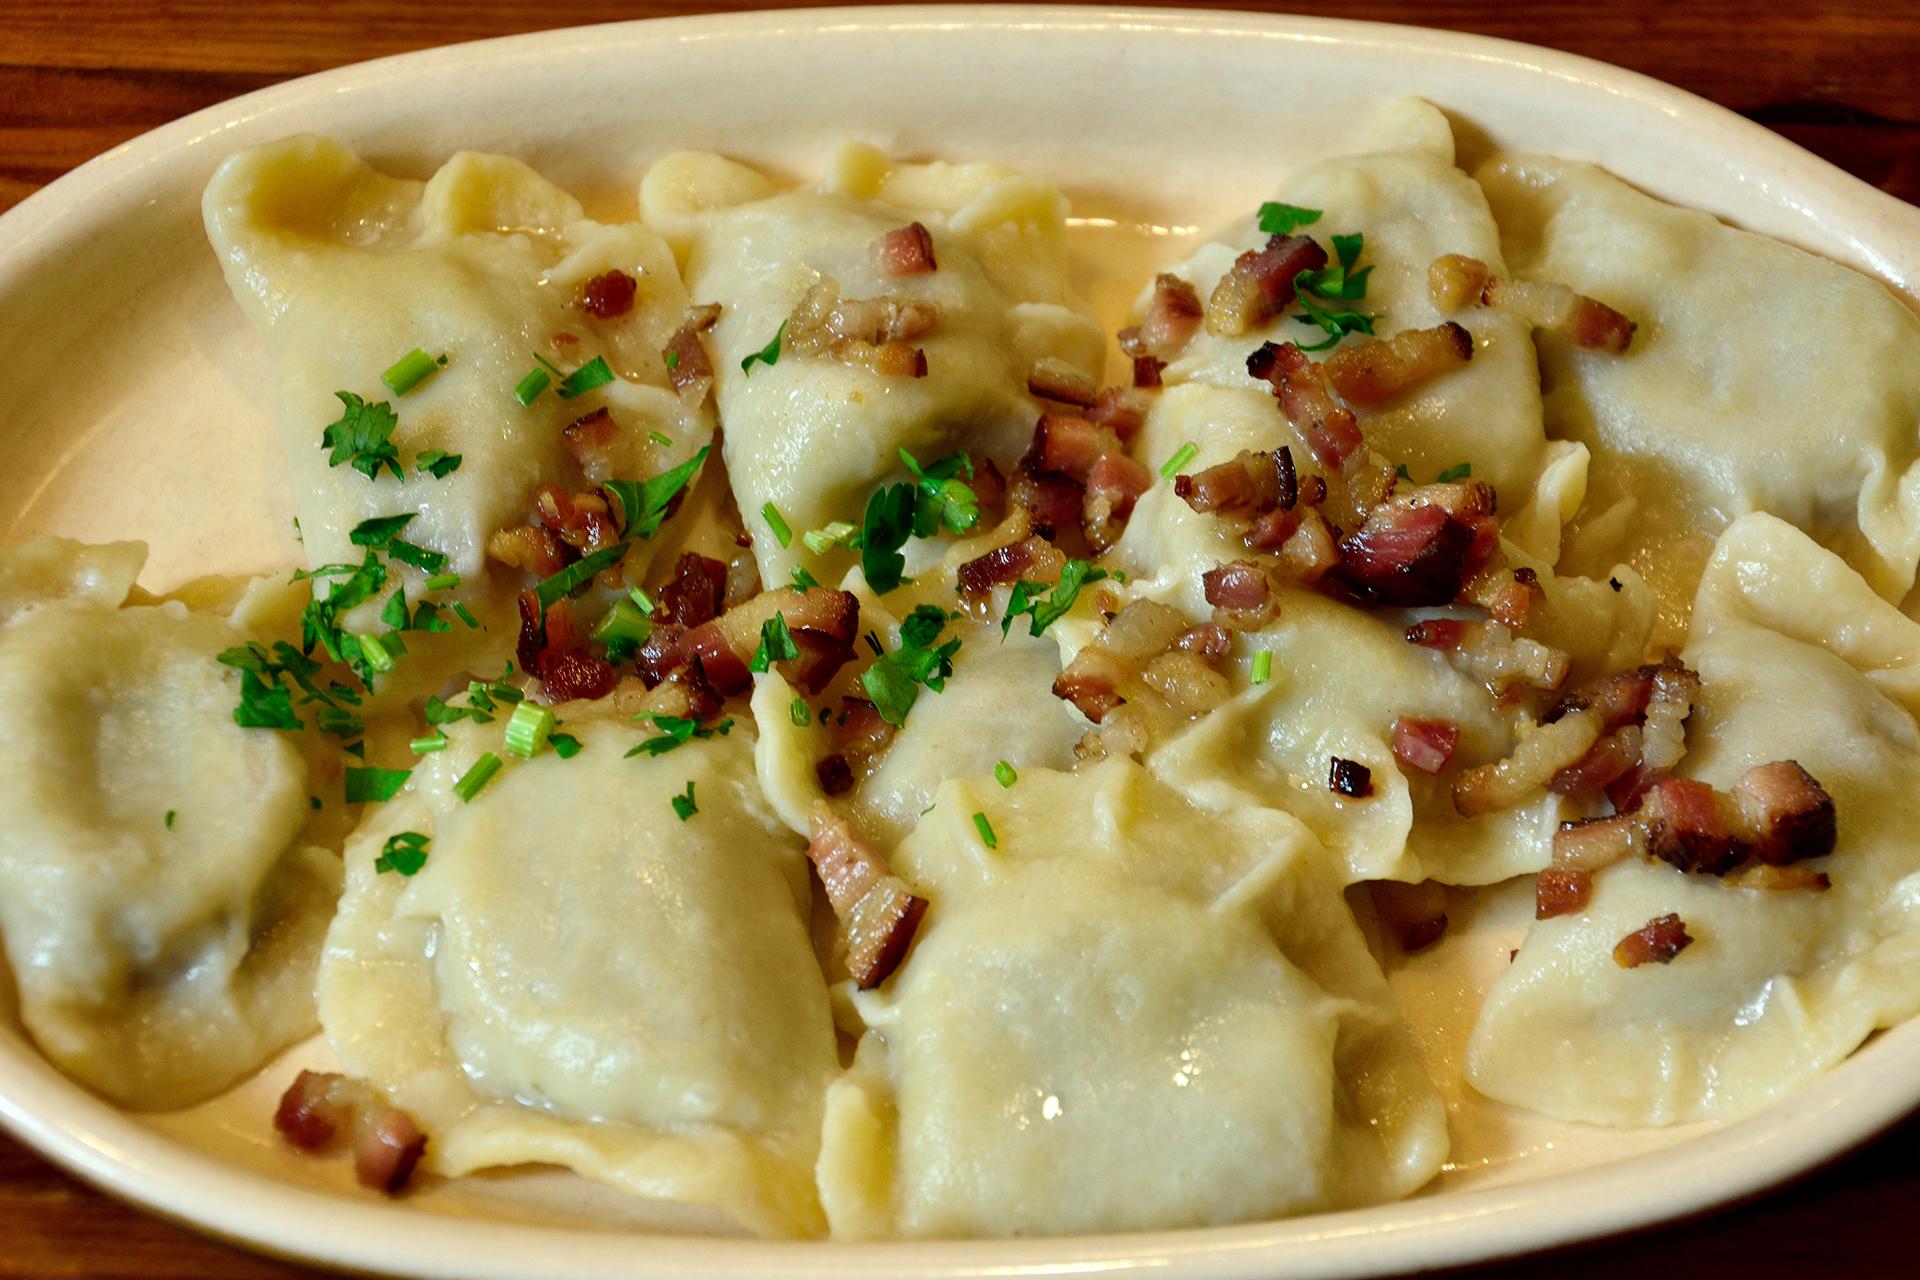 El pierogi es un plato tradicional polaco que se cree que se originó en el siglo XVII. Su relleno puede ser salado o dulce